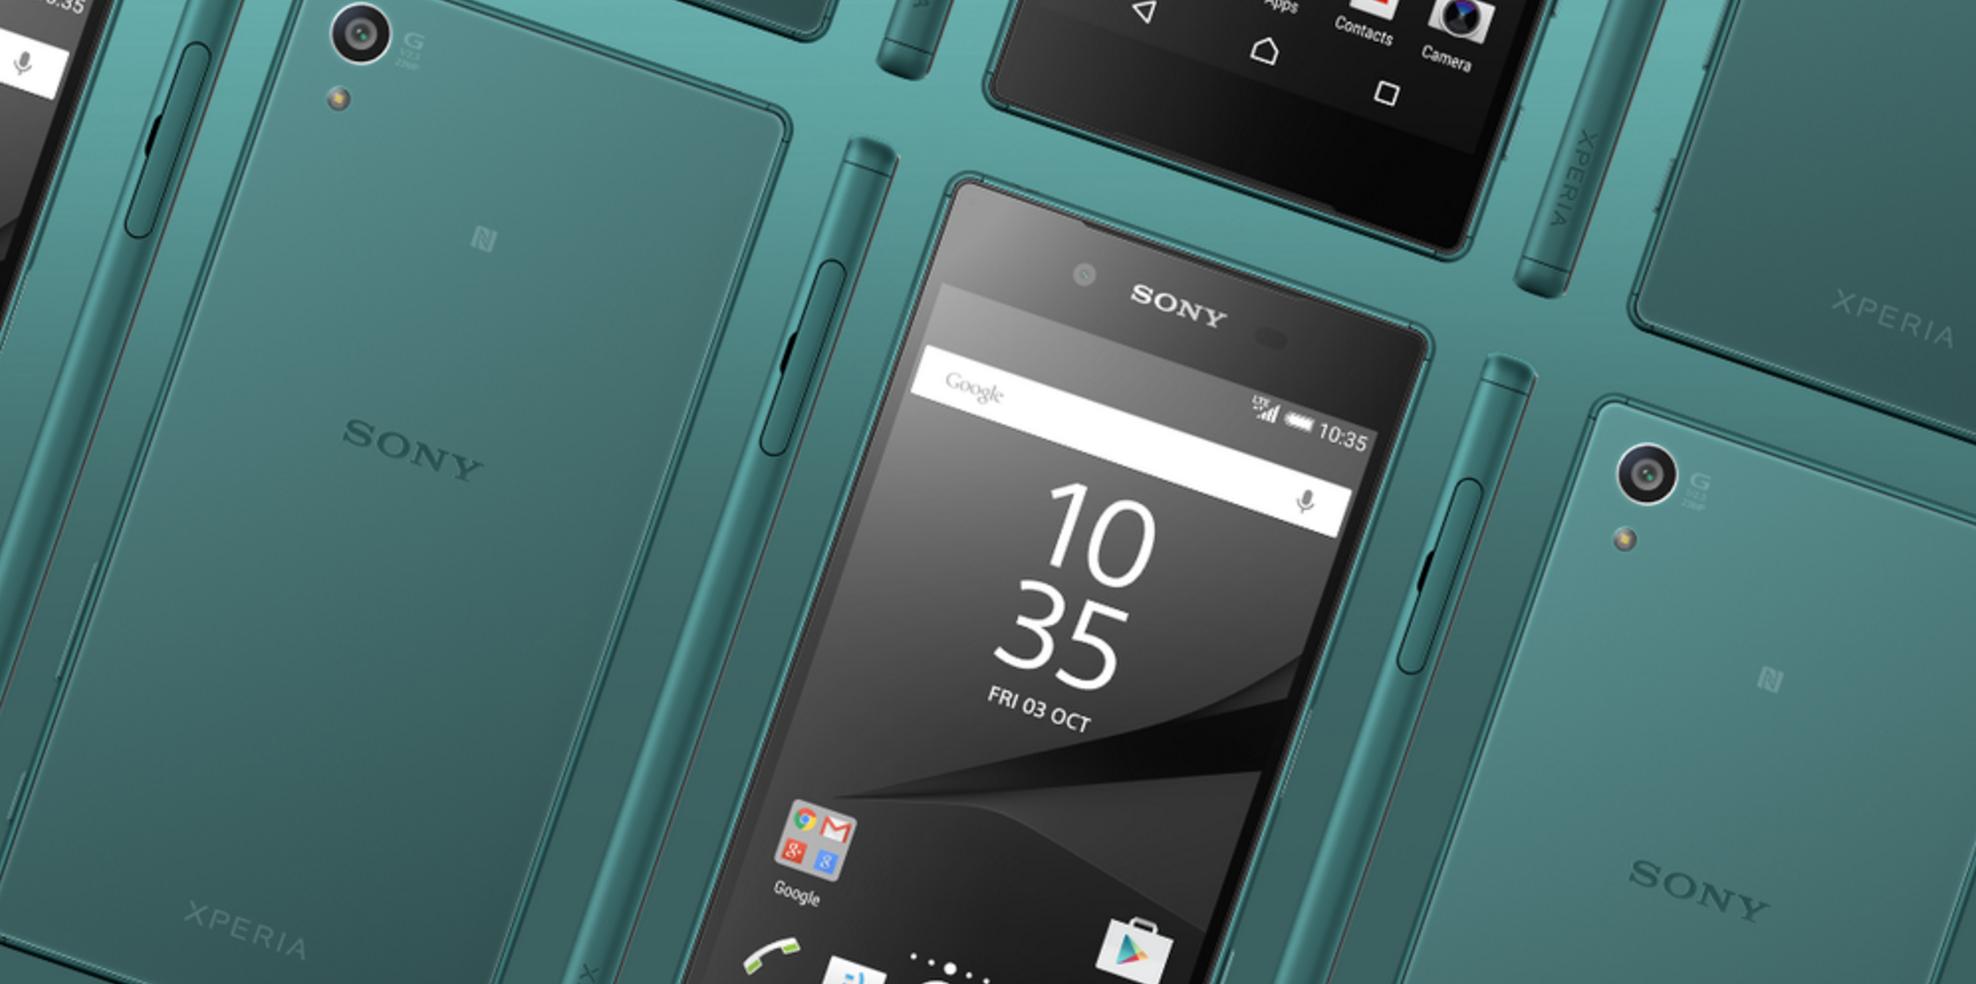 【au Xperia Z4 SOV31】ホーム画面をカスタマイズする方法 : au XPEIA Z4 ...